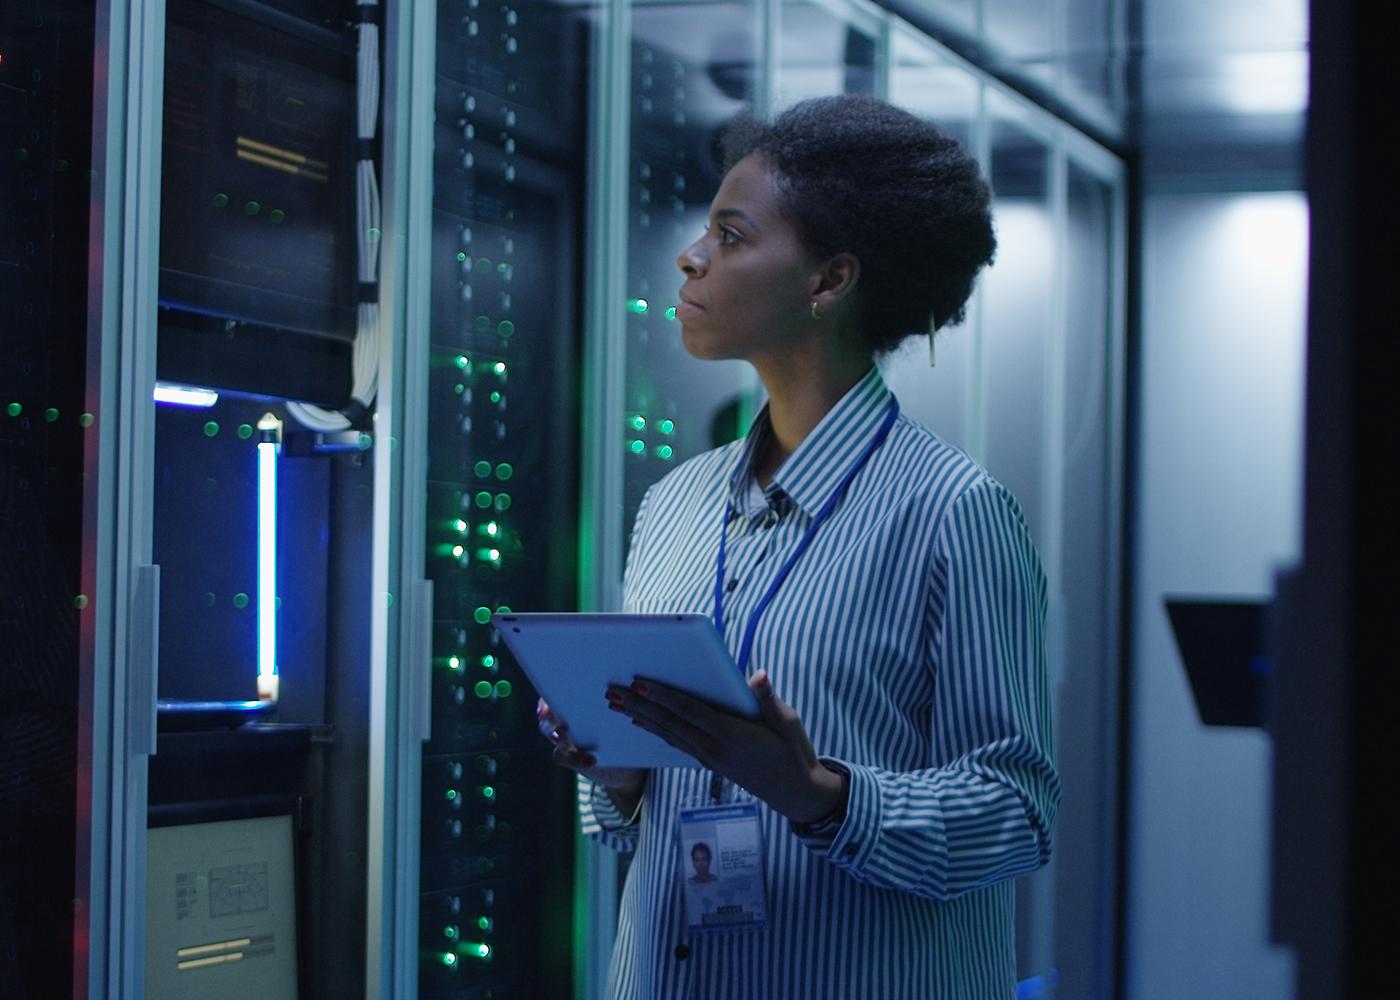 mulher computador engenharia